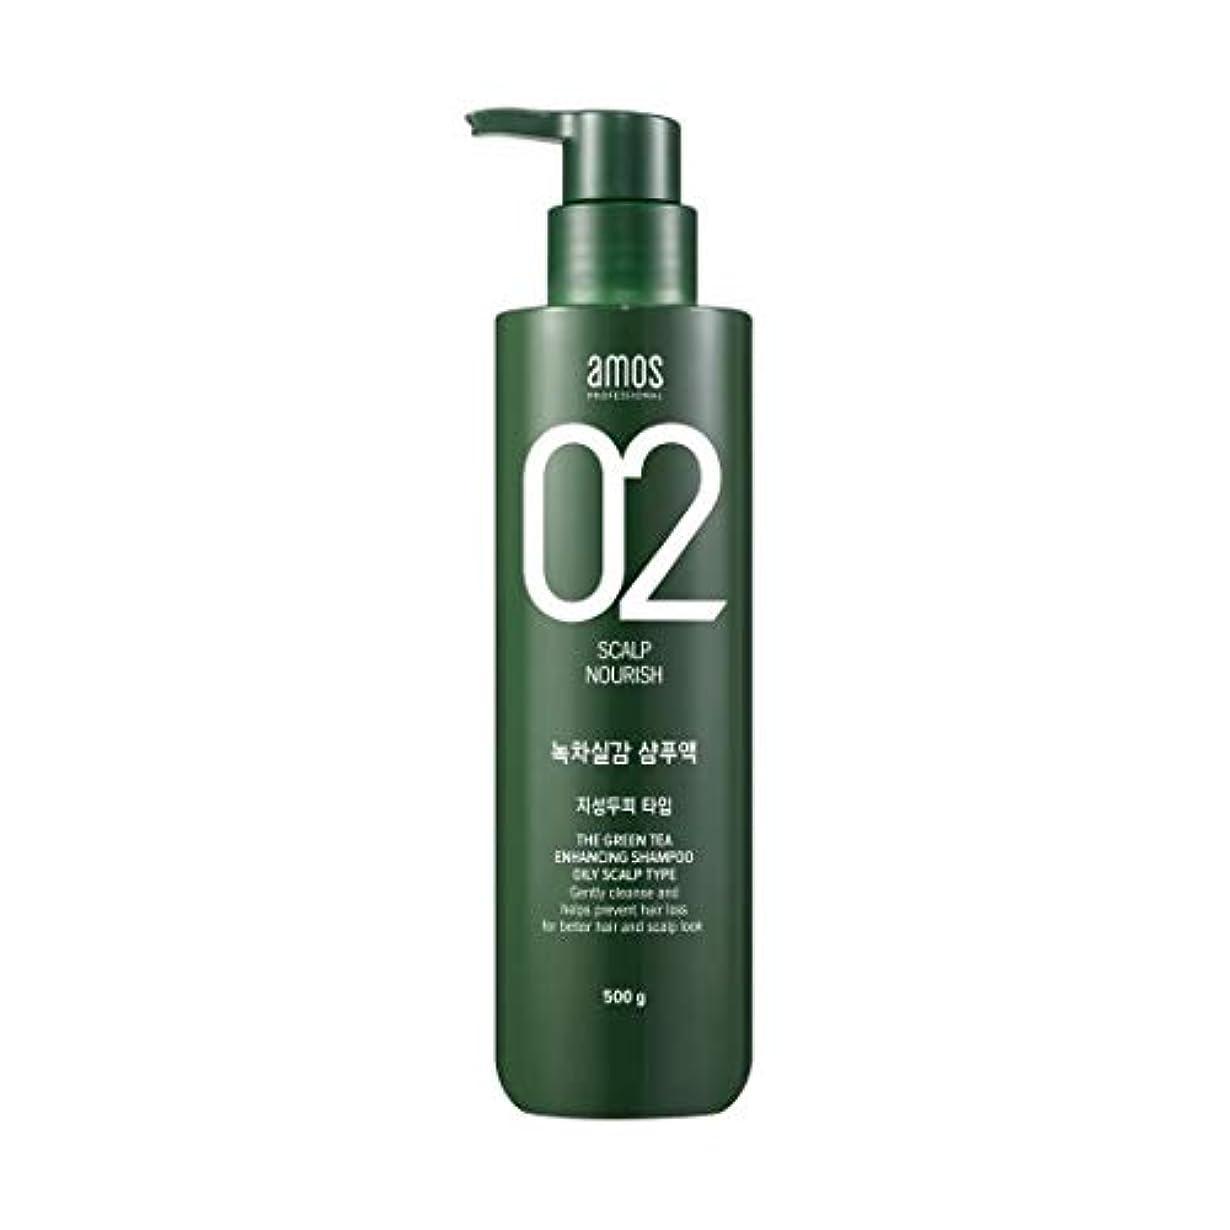 うまくやる()年金受給者摂動Amos Green Tea Enhancing Shampoo -Oily 500g / アモス ザ グリーンティー エンハンシング シャンプー # 脂性 オイリー スカルプタイプ [並行輸入品]